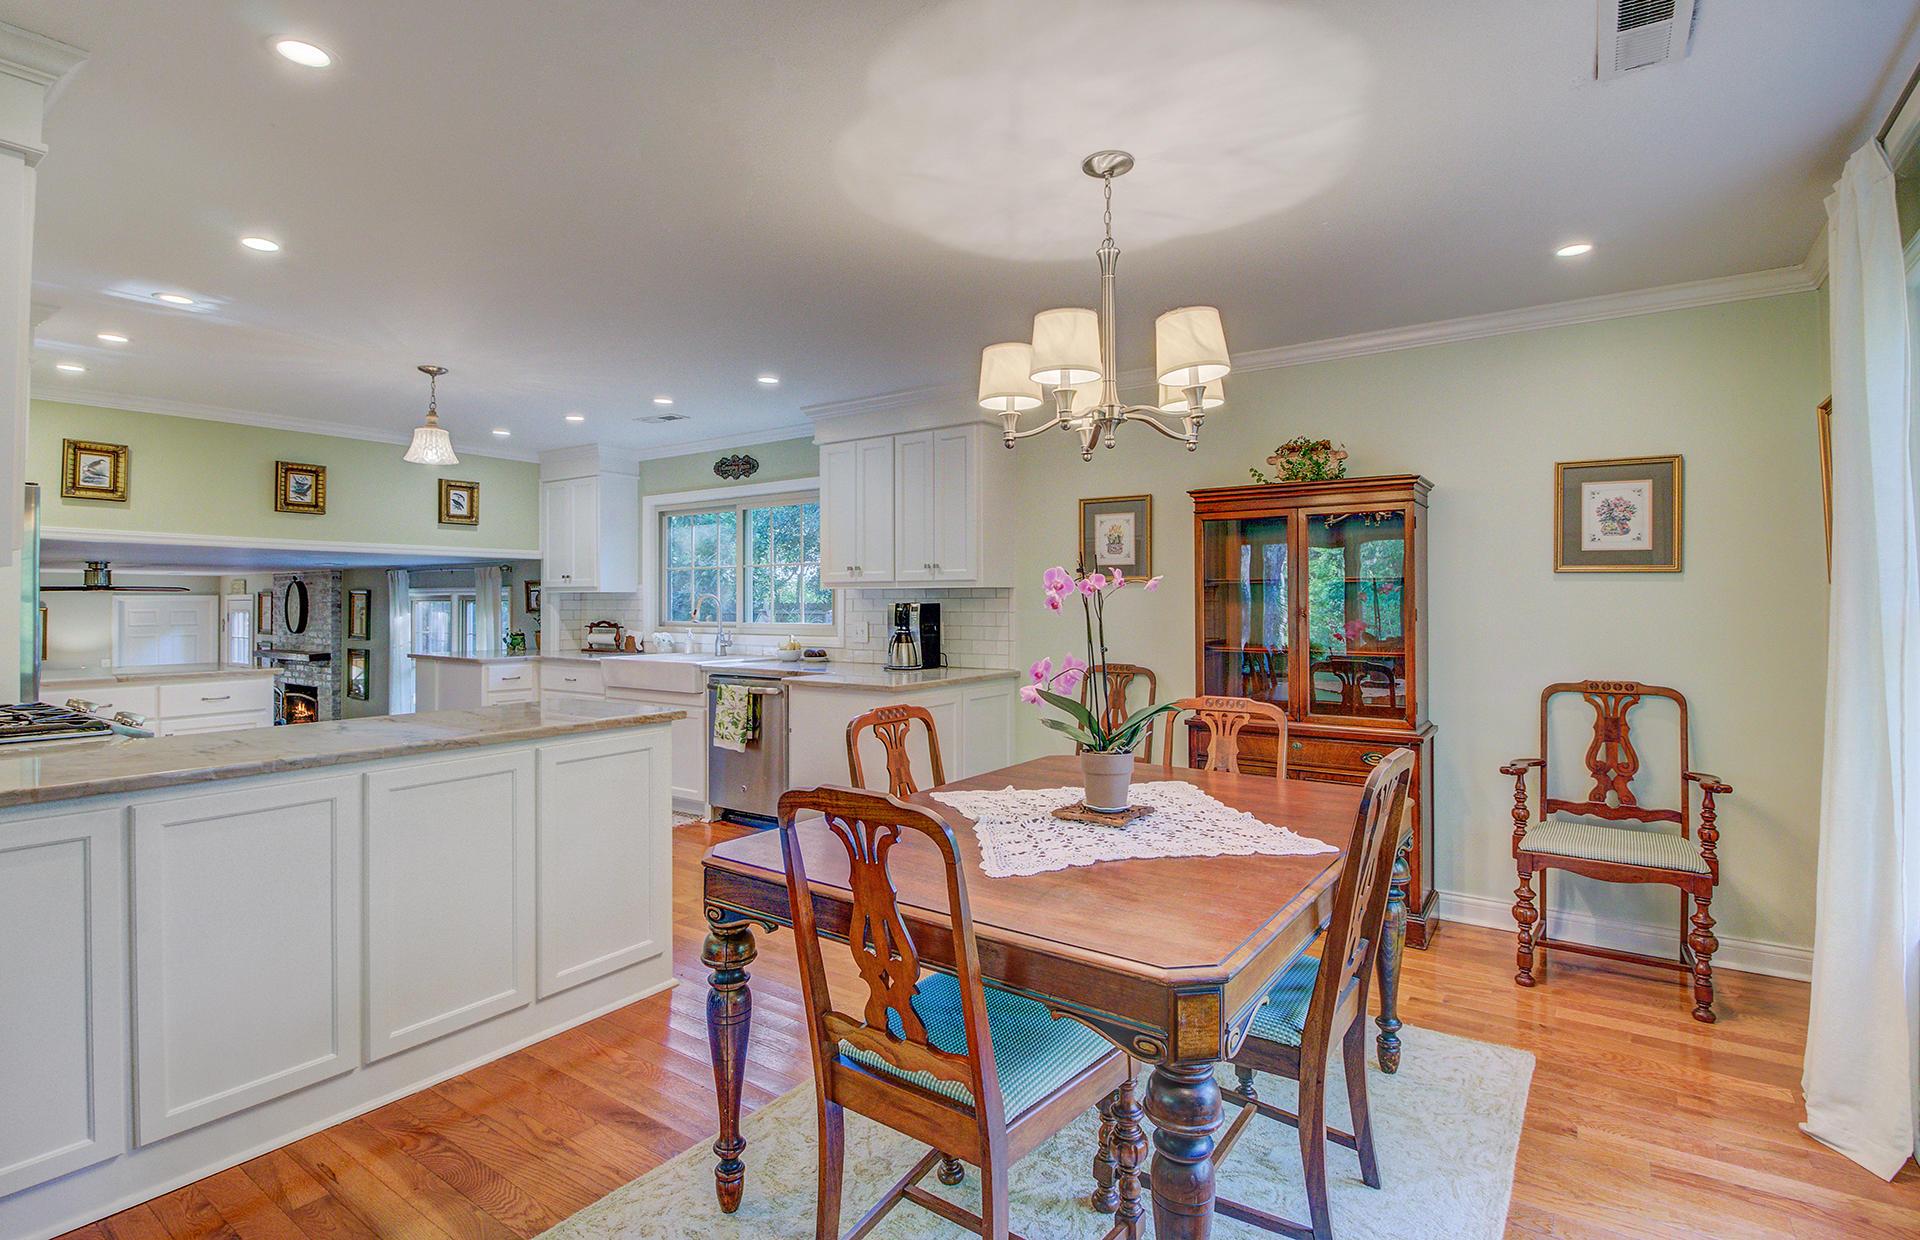 Pine Forest Inn Homes For Sale - 543 Simmons, Summerville, SC - 16